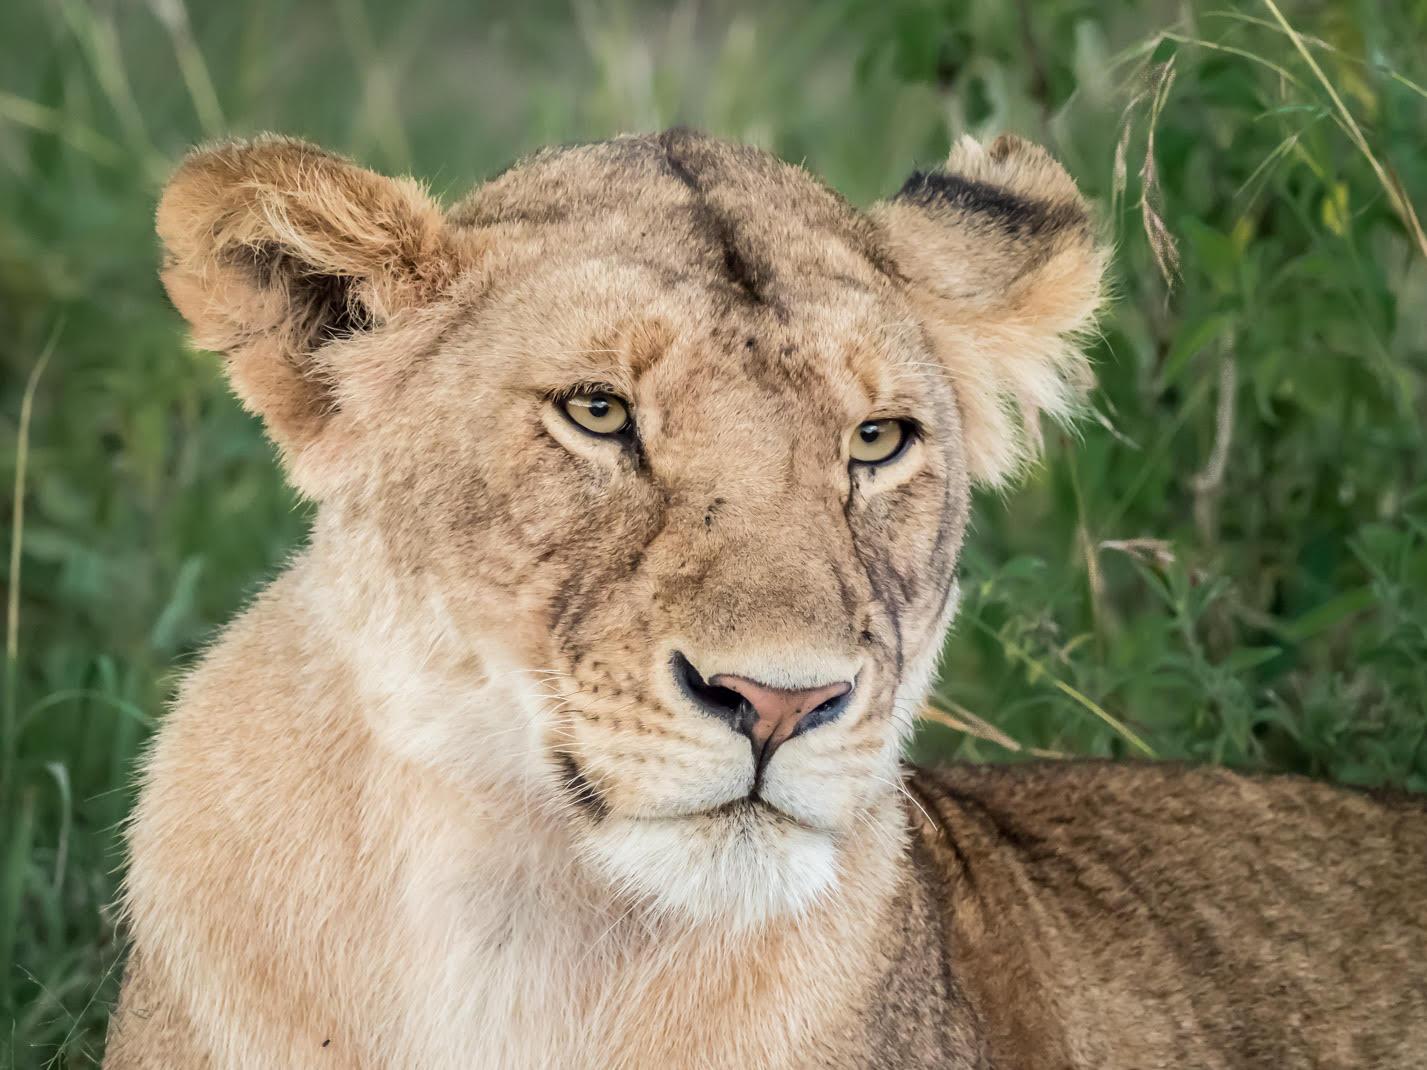 Thoughtful Lioness - Ian Robertson